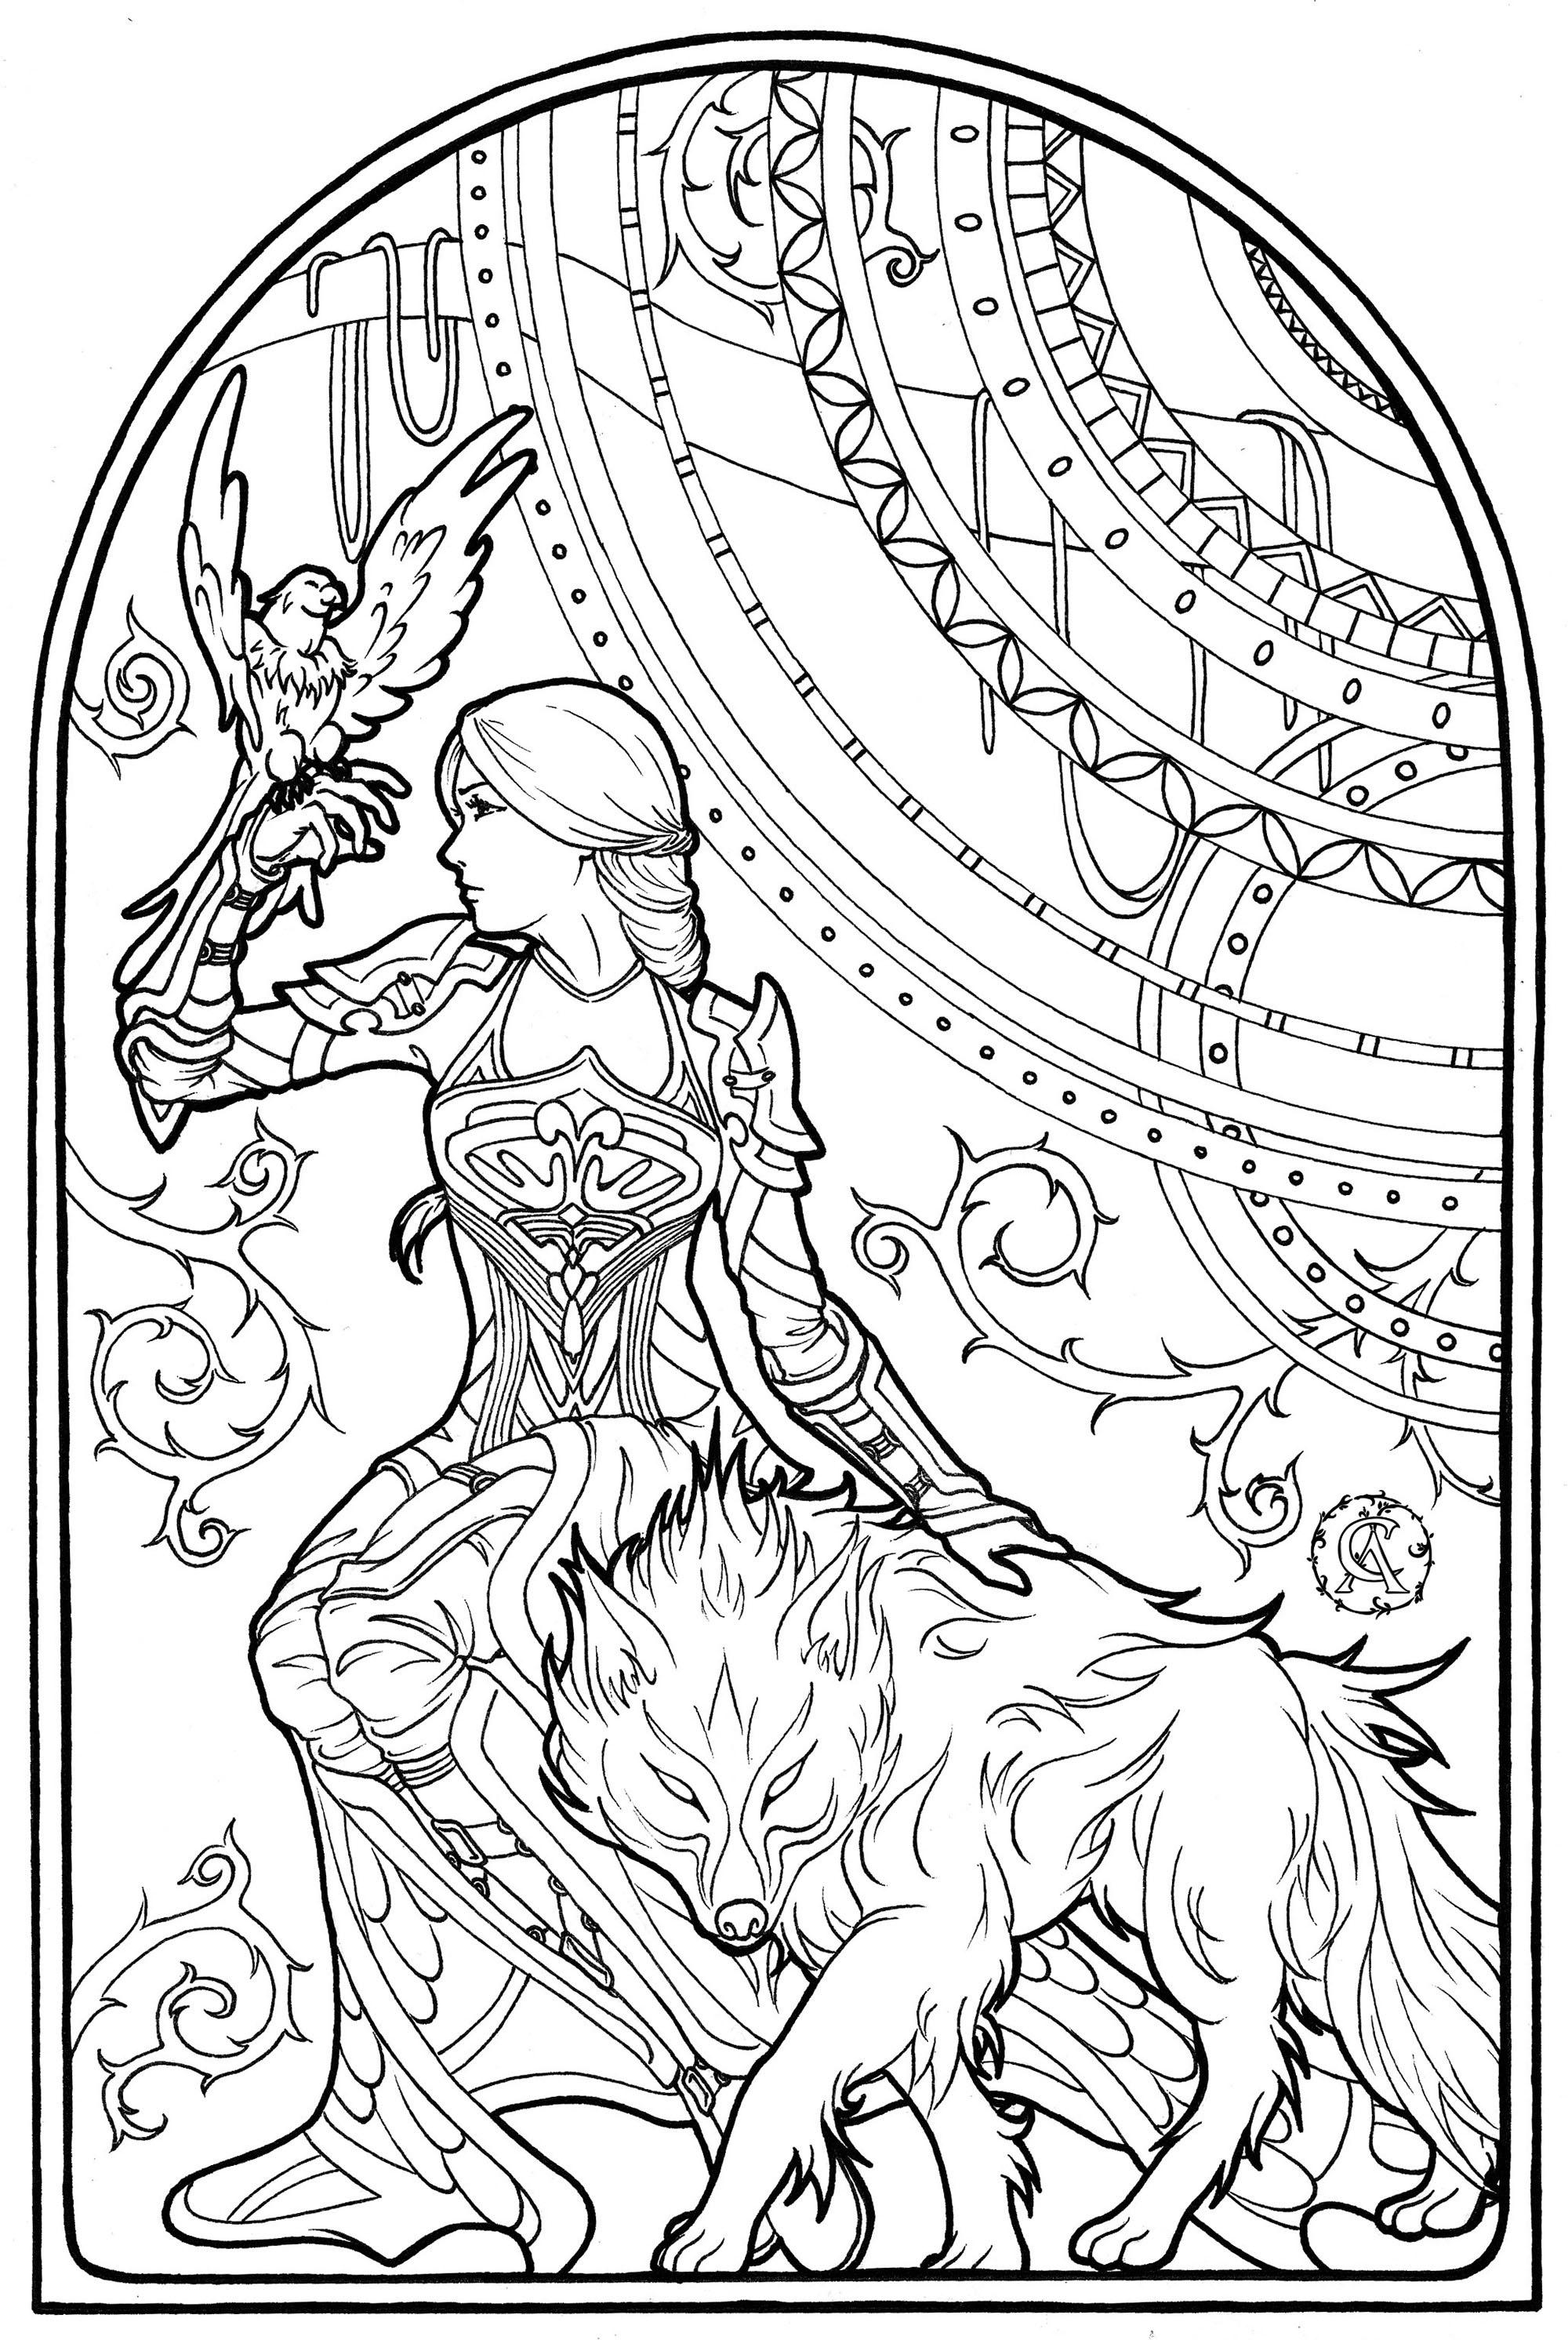 Cette femme intrépide est en compagnie de son faucon et de son loup enchanté. Dessin dans un style Art Nouveau